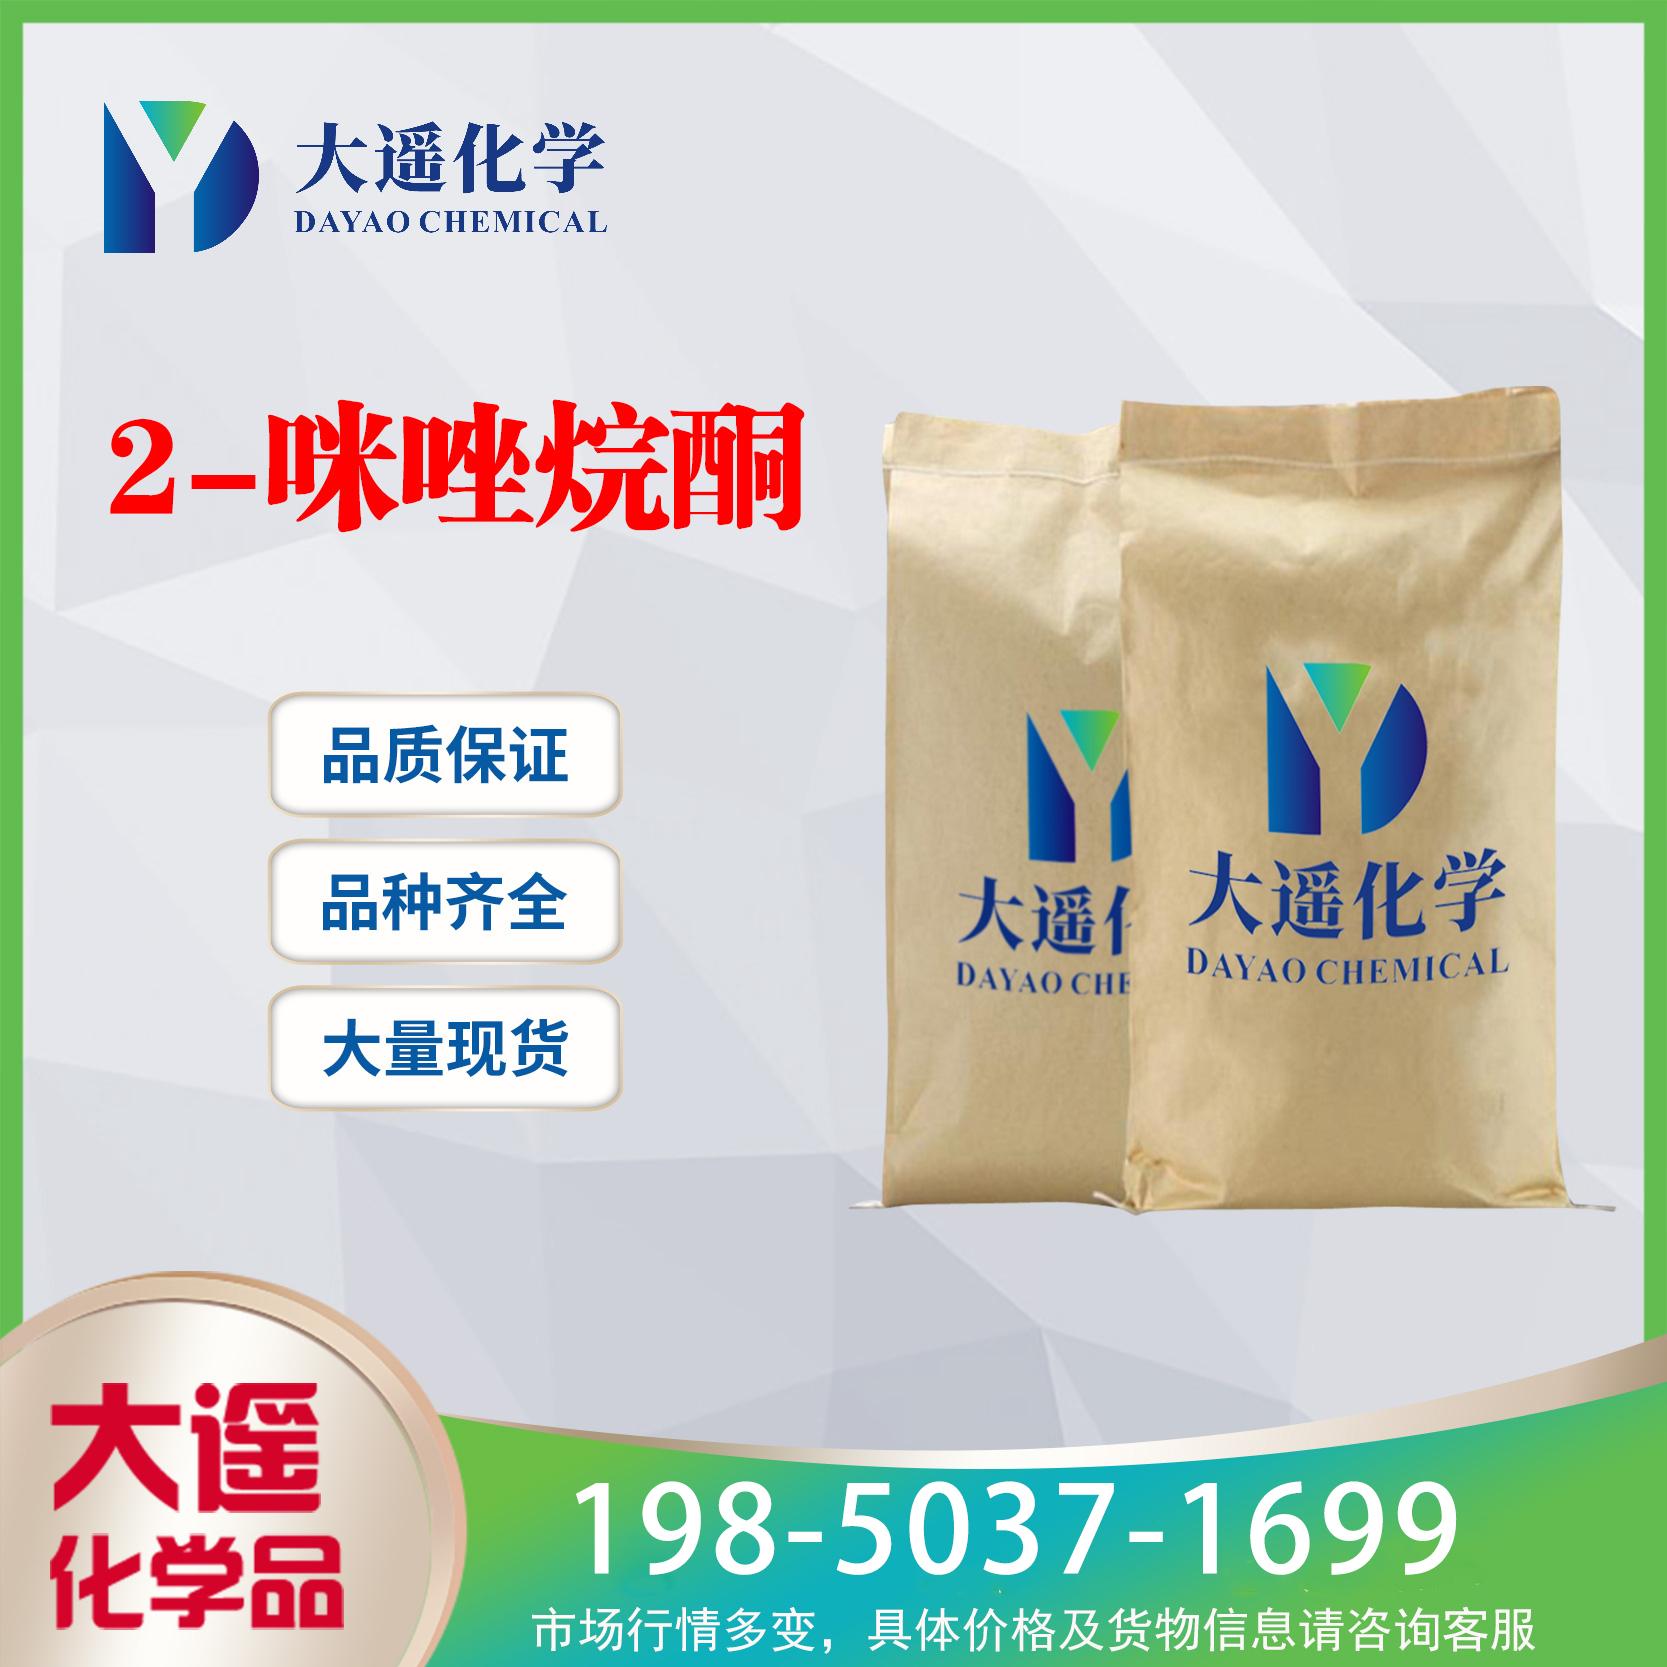 现货直销 乙烯脲 亚乙基脲 2-咪唑烷酮 99.9%含量 120-93-4